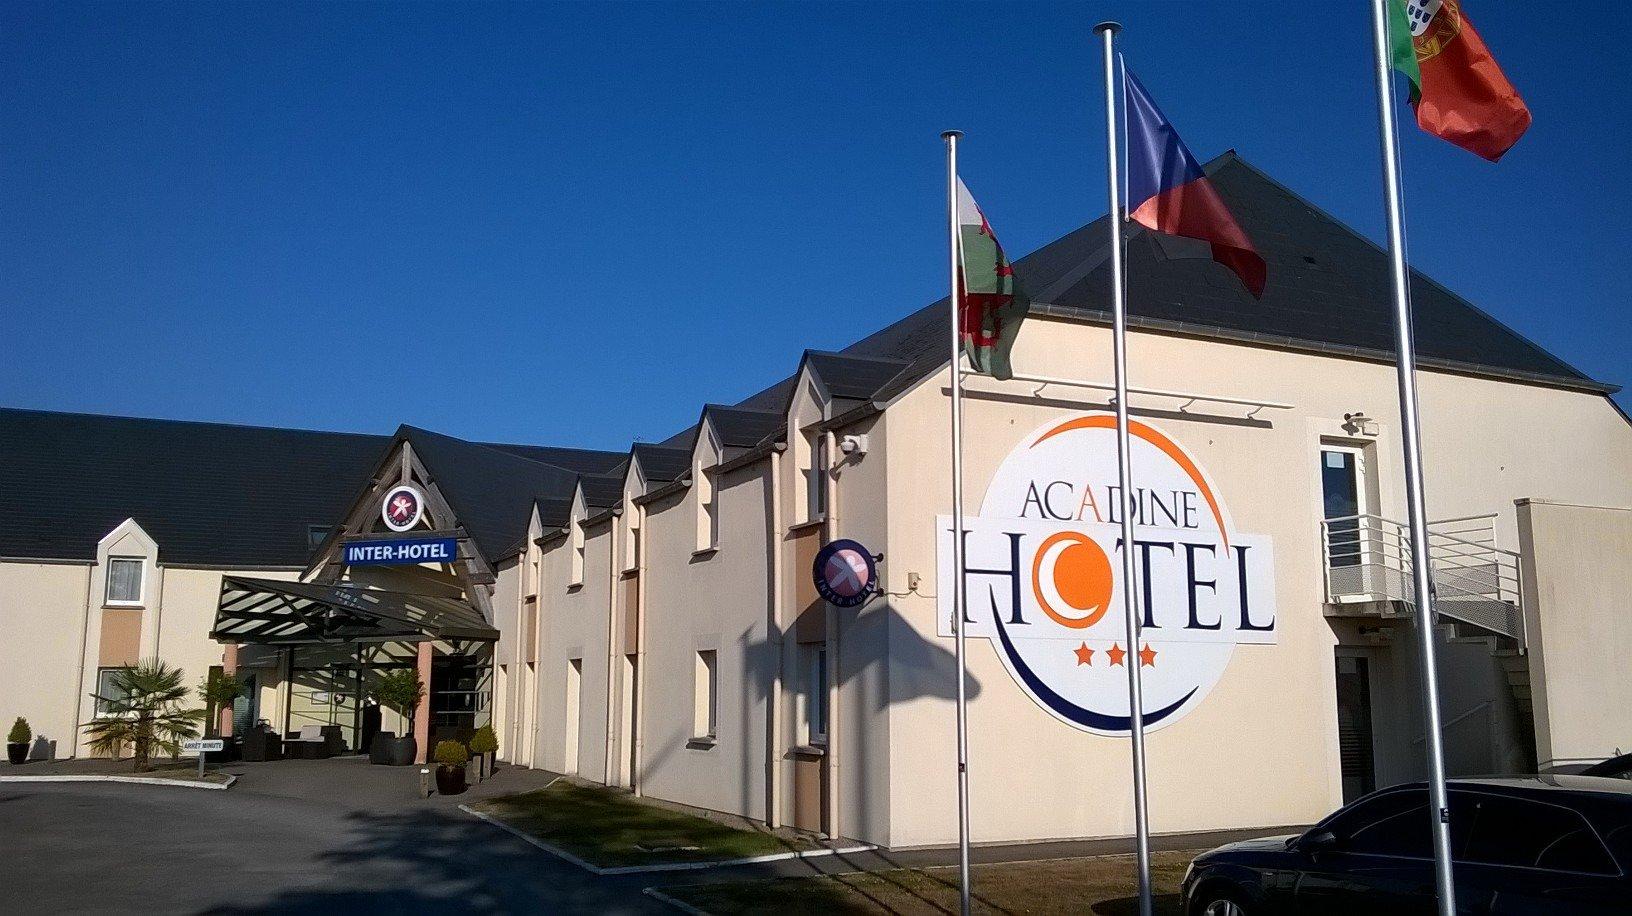 Acadine Hotel